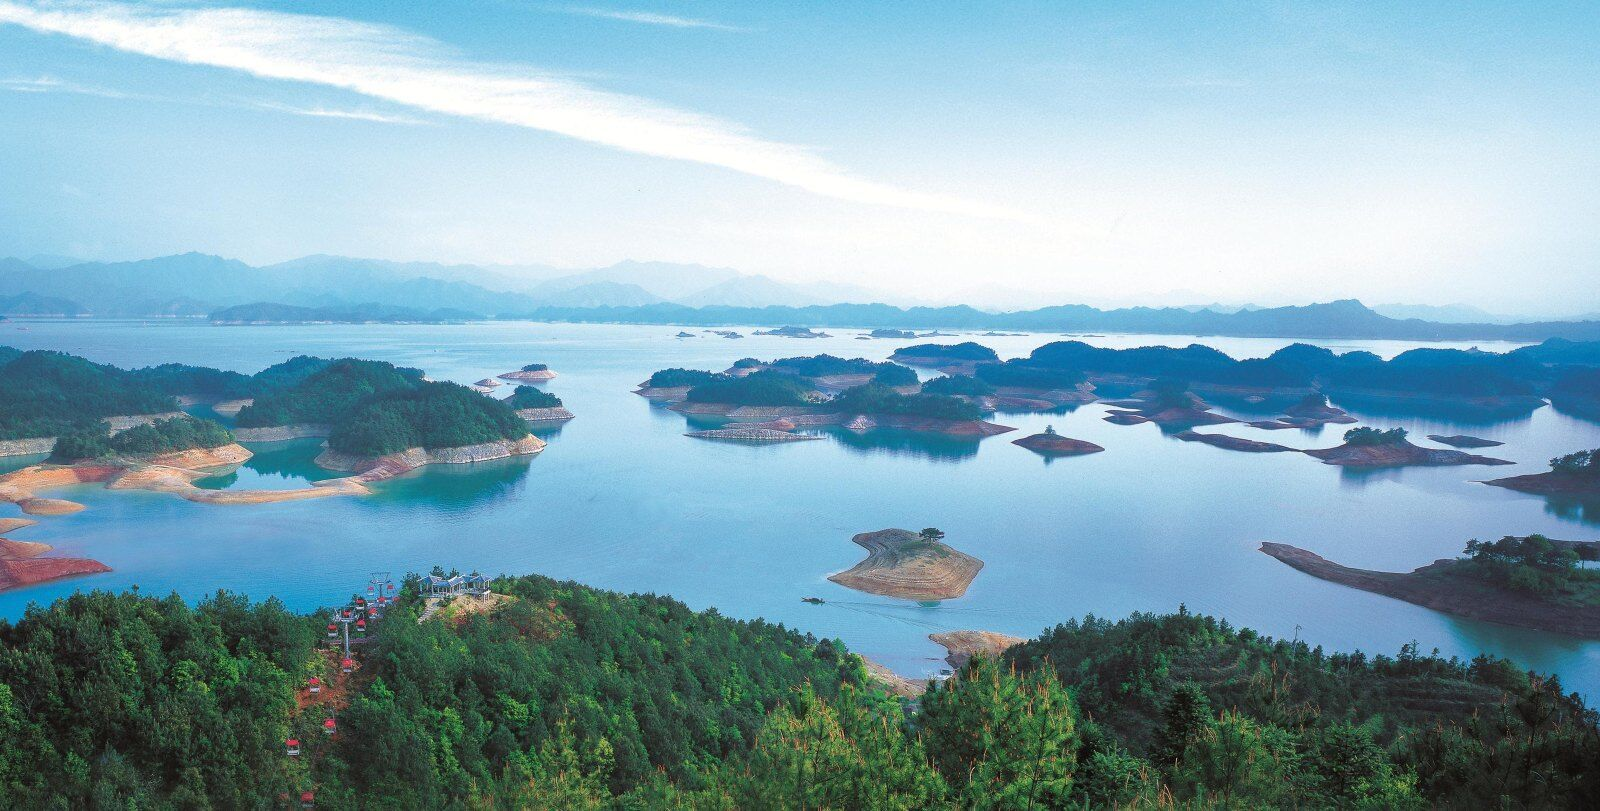 梅峰揽胜,位于千岛湖中心湖区西端的状元半岛上,距千岛湖镇12公里.